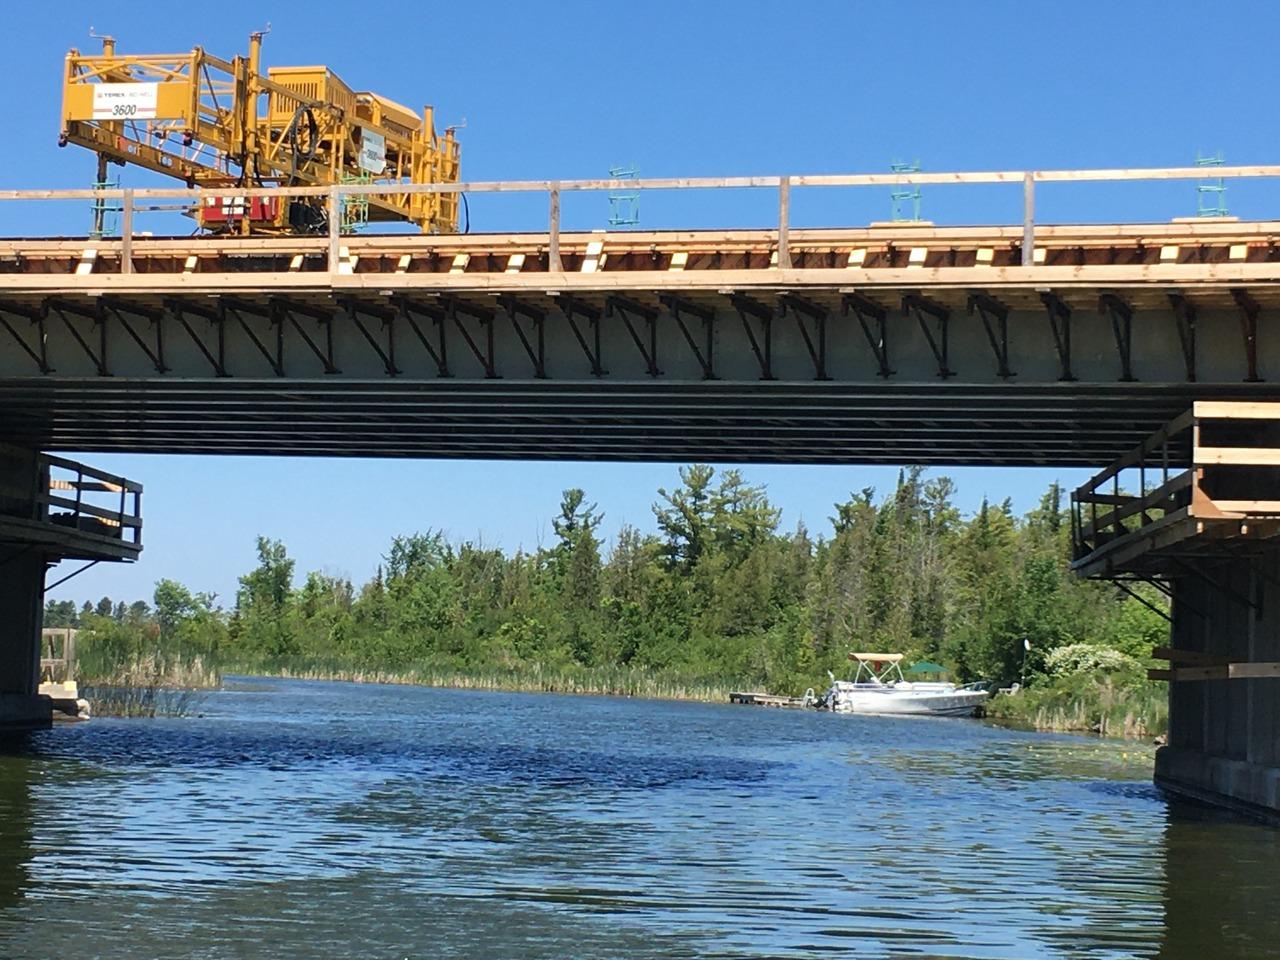 Bridge at the Narrows